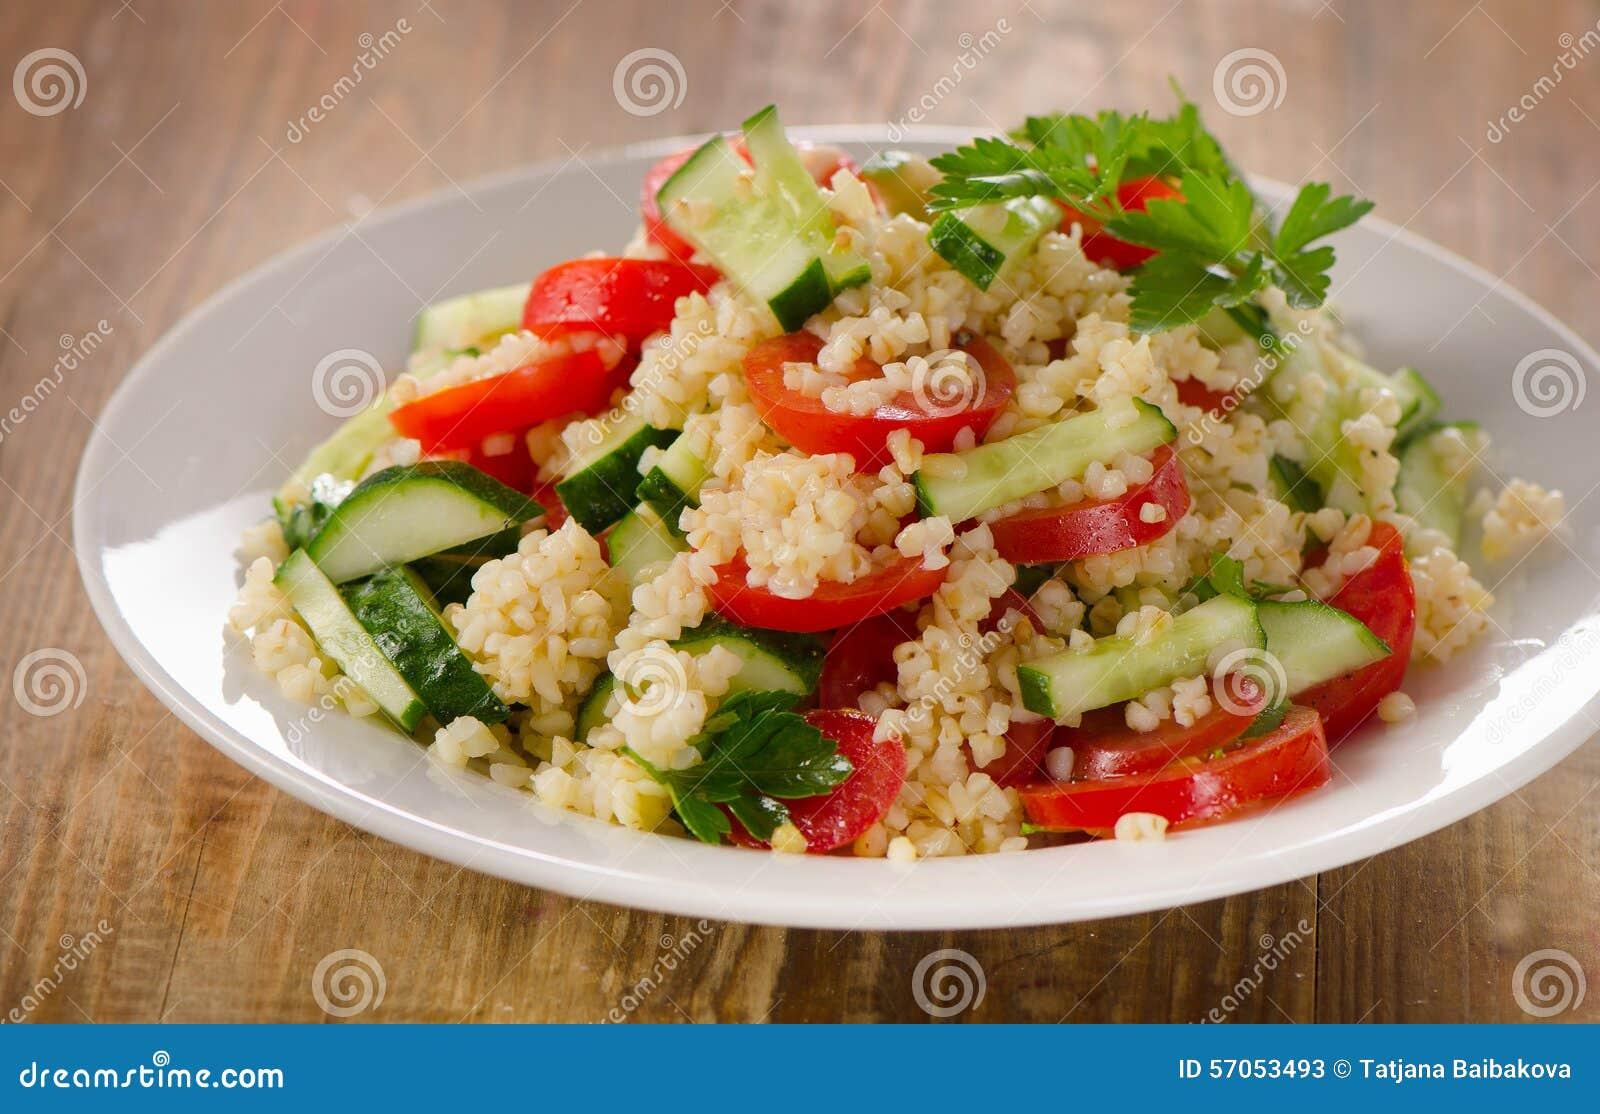 Tabboulehsalade met bulgur, peterselie en verse groenten